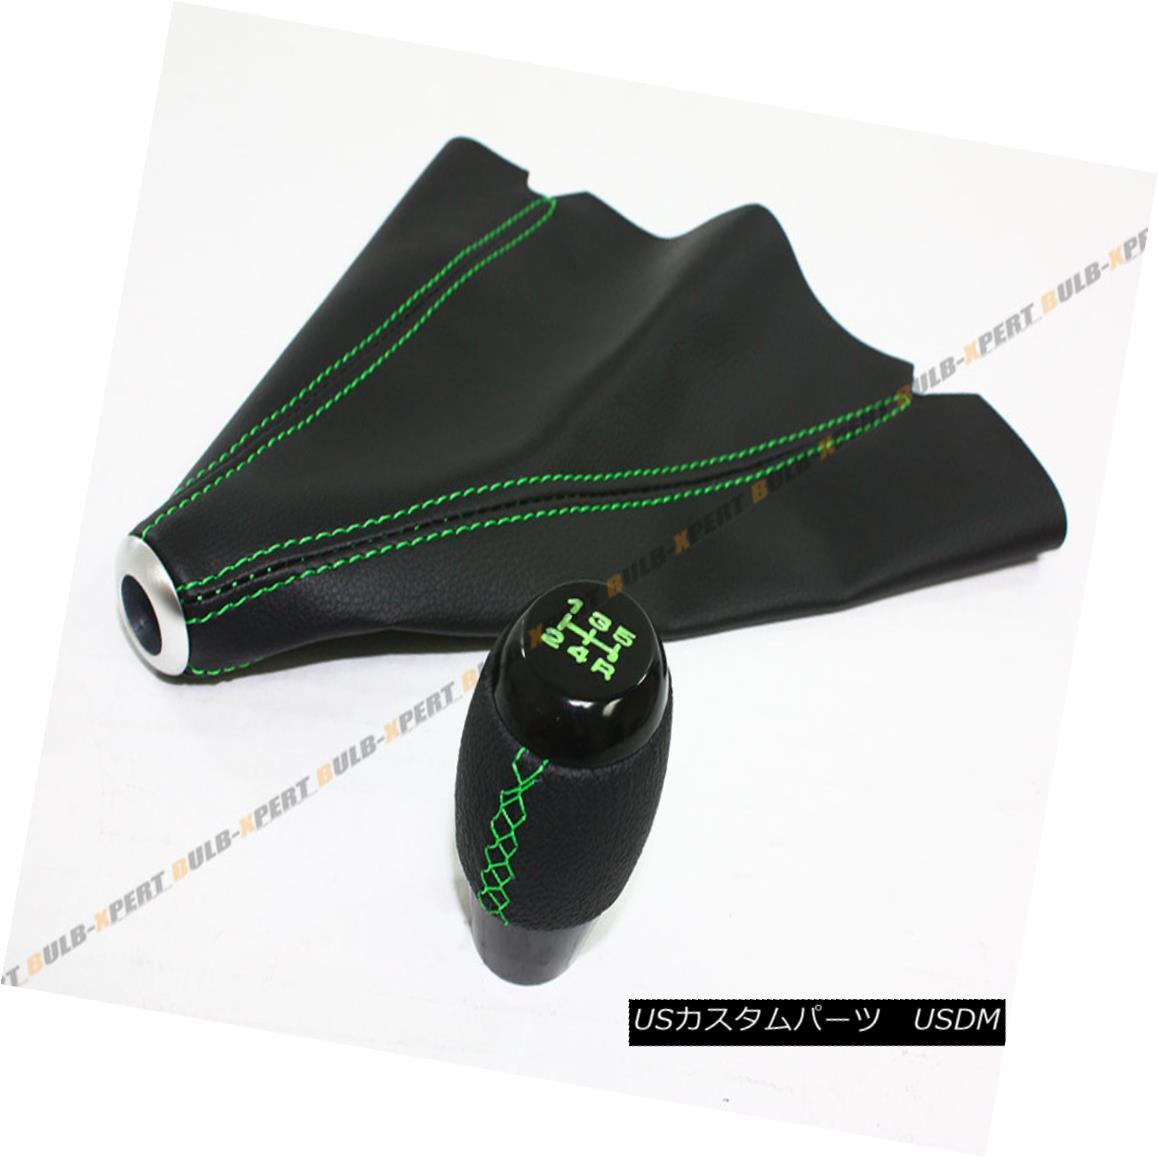 エアロパーツ 5 SPEED LEATHER MANUAL SHIFTER KNOB + SHIFT BOOT W/ GREEN STITCH FOR KIA MODEL 5スピード・レザー・マニュアル・シフター・ノブ+シフト・ブーツ/グリーン・ステッチ・キア・モデル